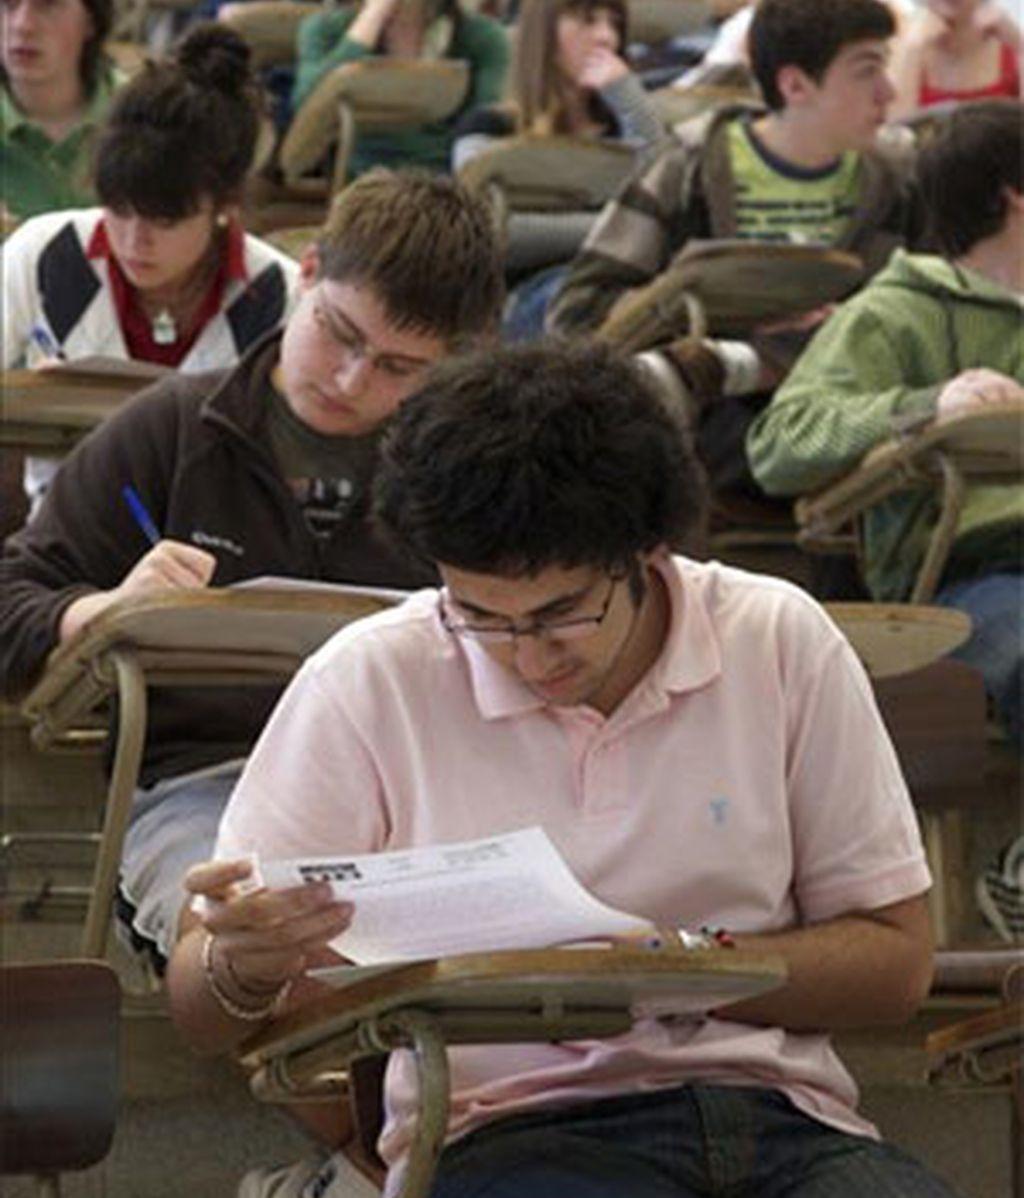 Los estudiantes españoles por debajo de la media de los países de la OCDE, según PISA.